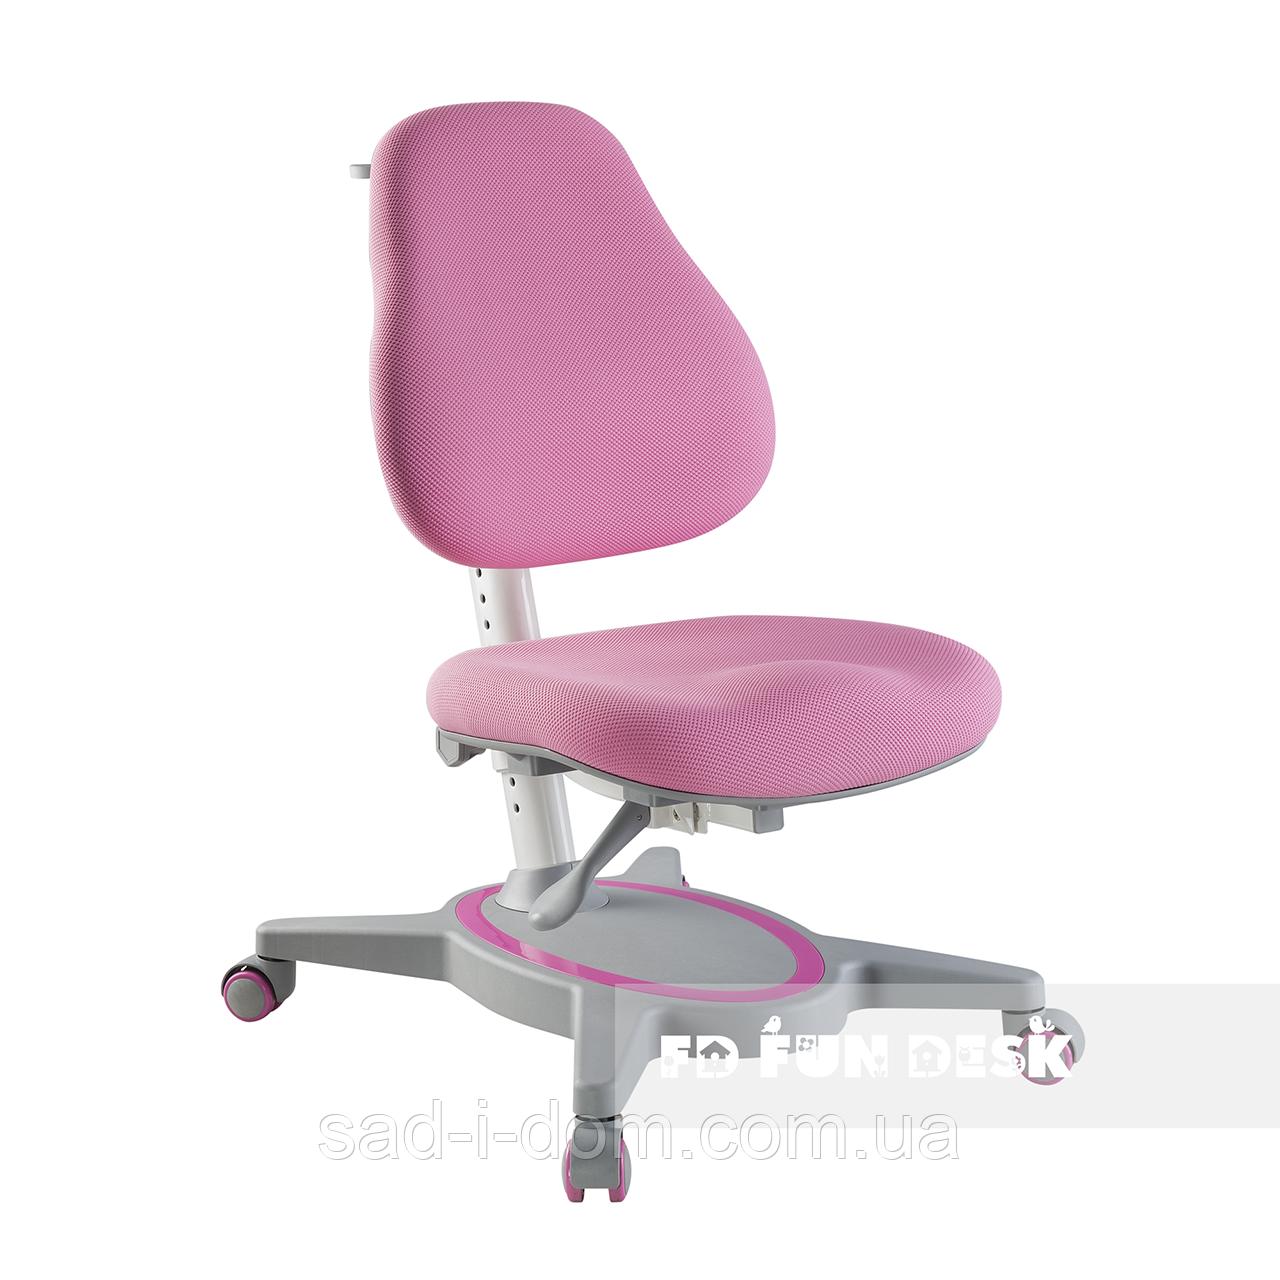 Детское ортопедическое компьютерное кресло FunDesk Primavera I розовое